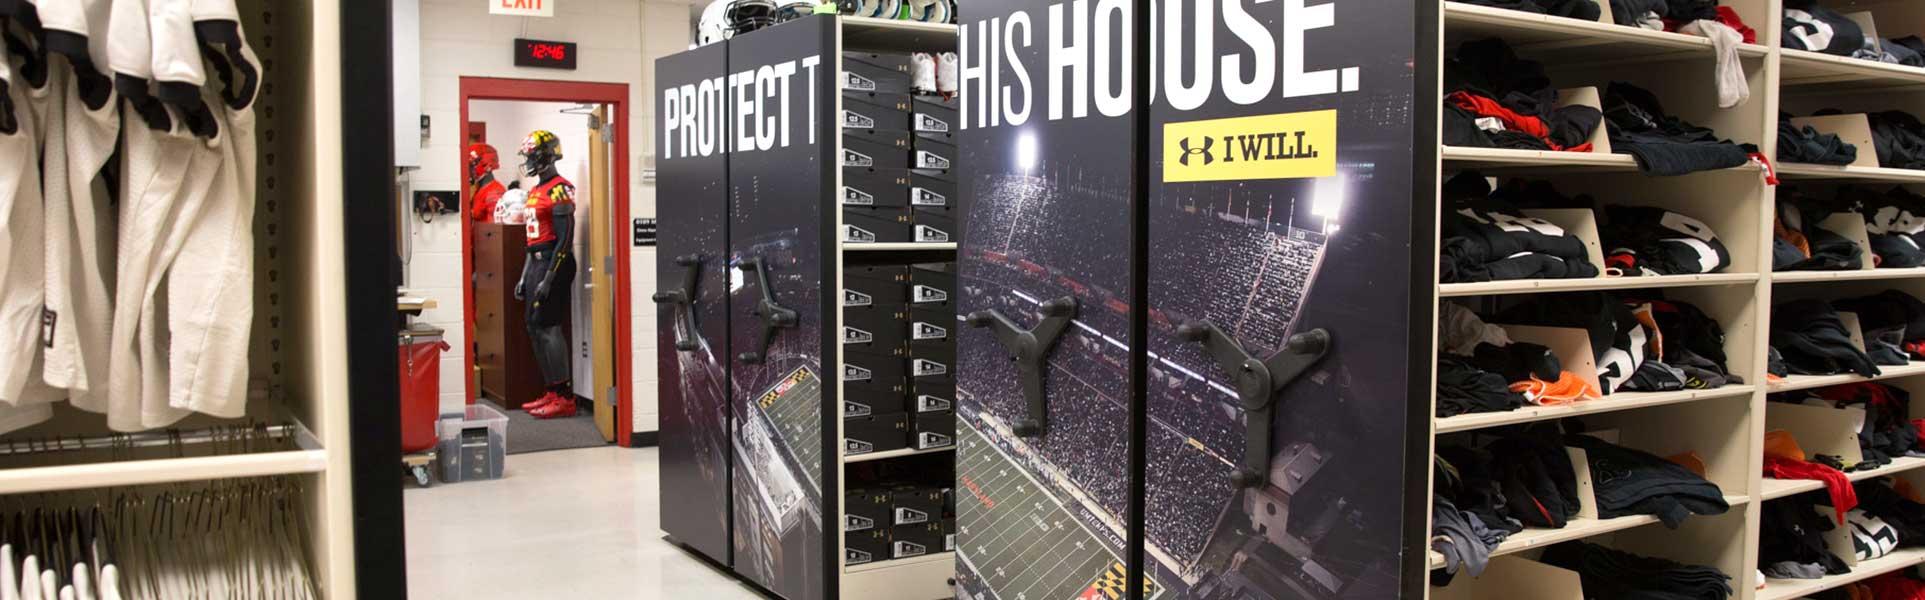 College Sports Uniform Storage